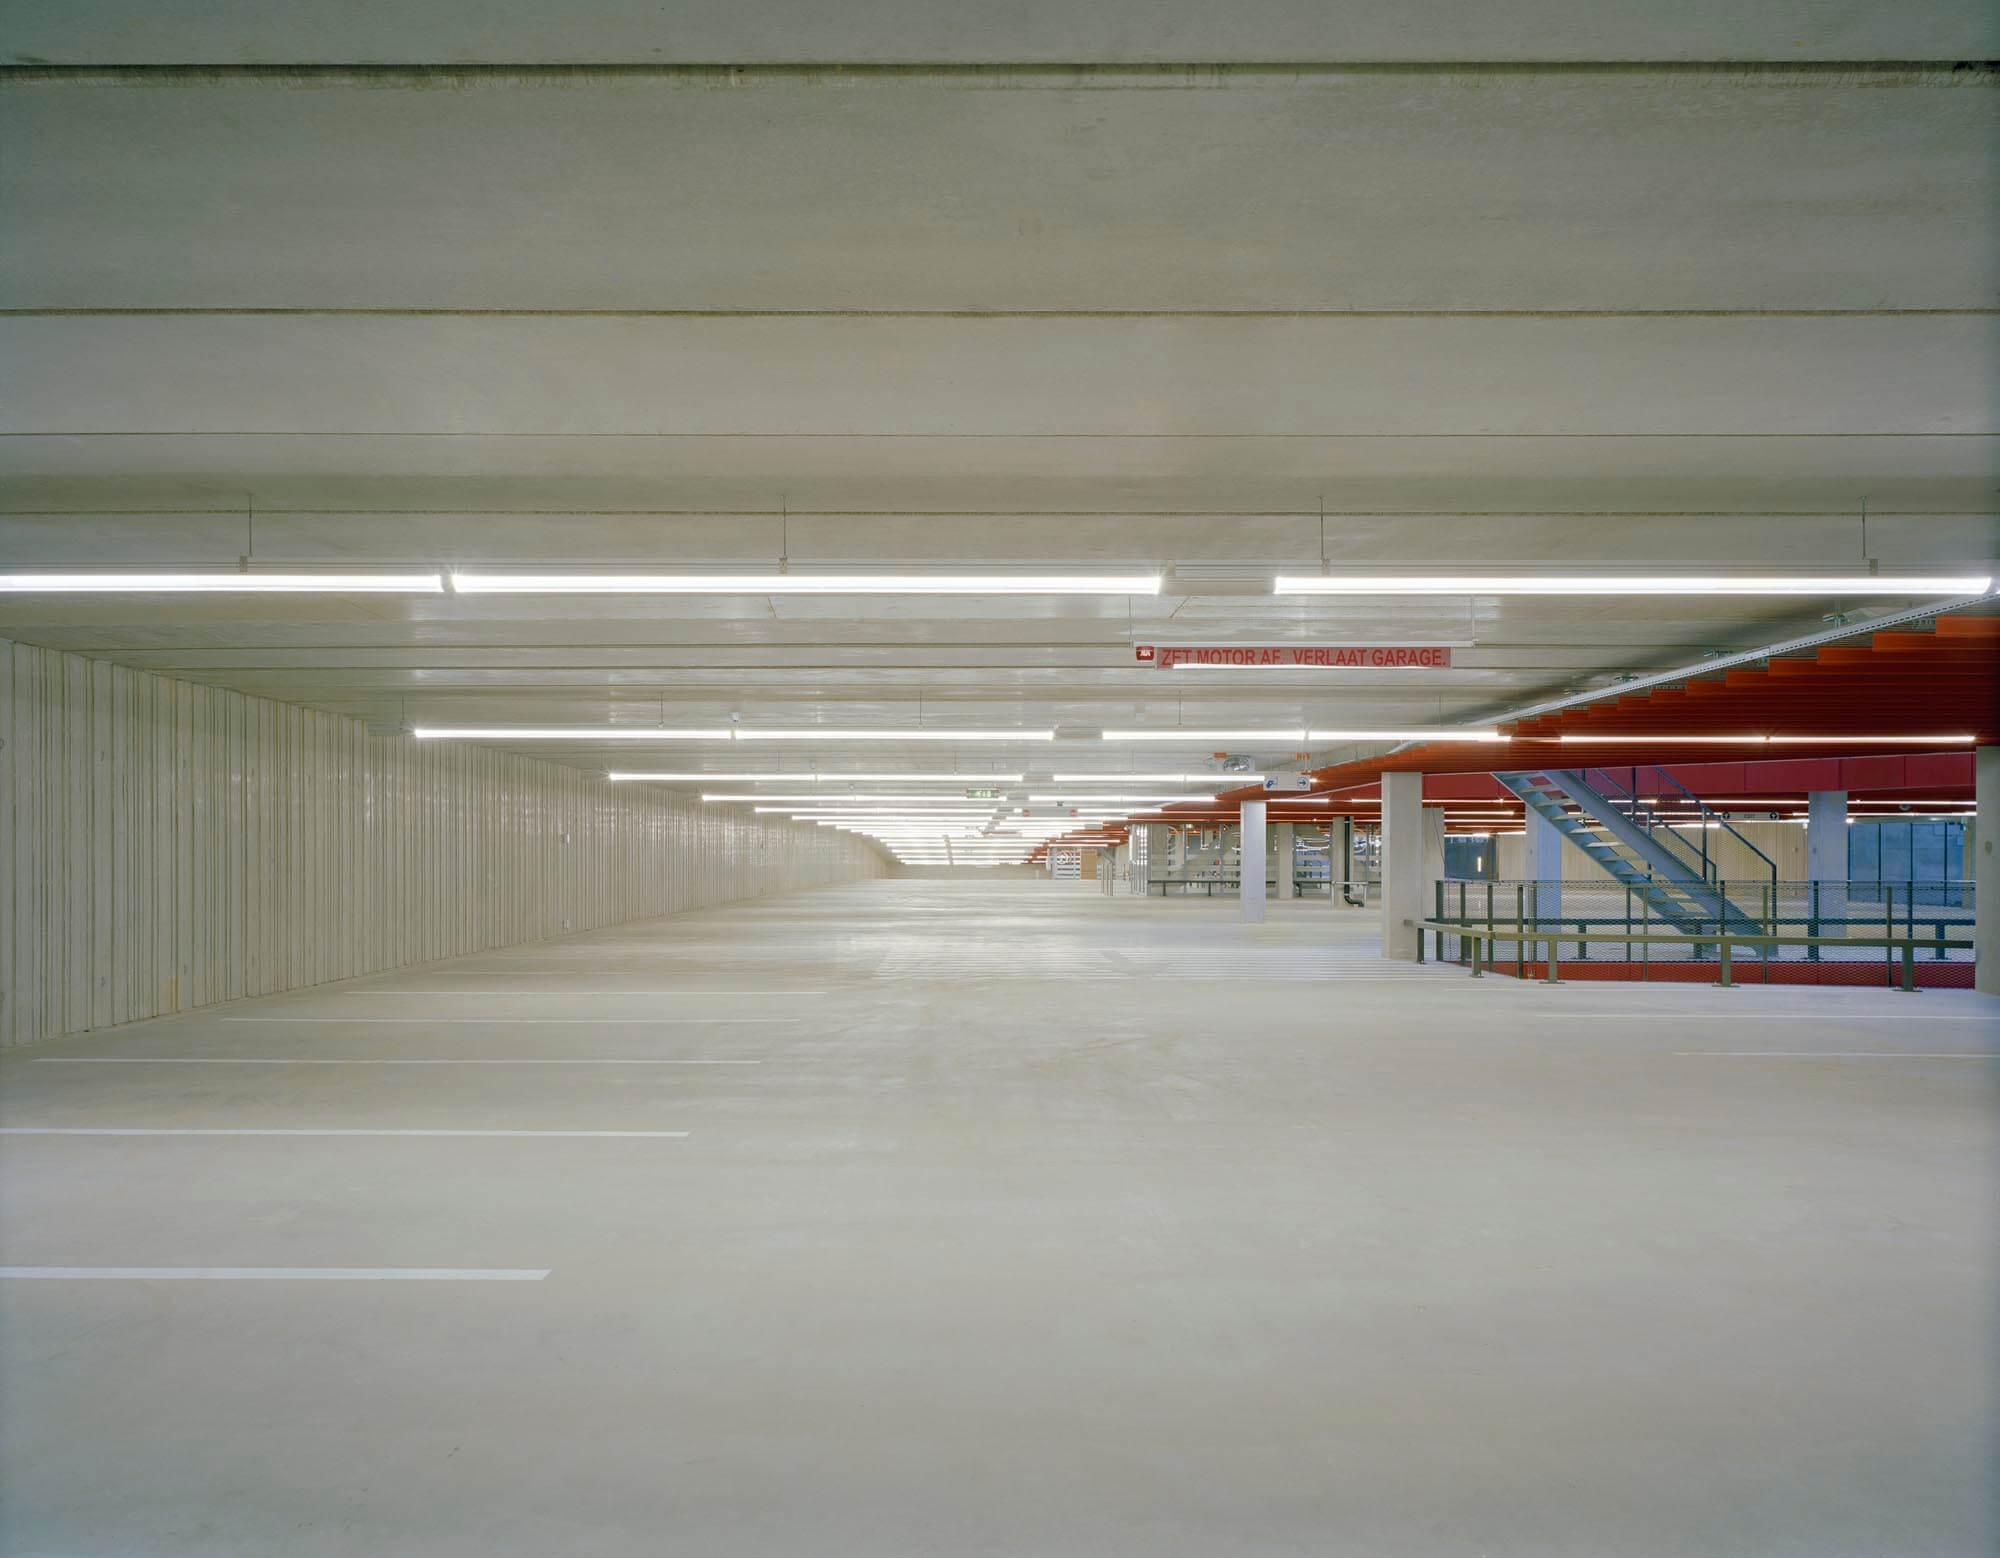 Fotograaf: Ruben Dario Kleimeer